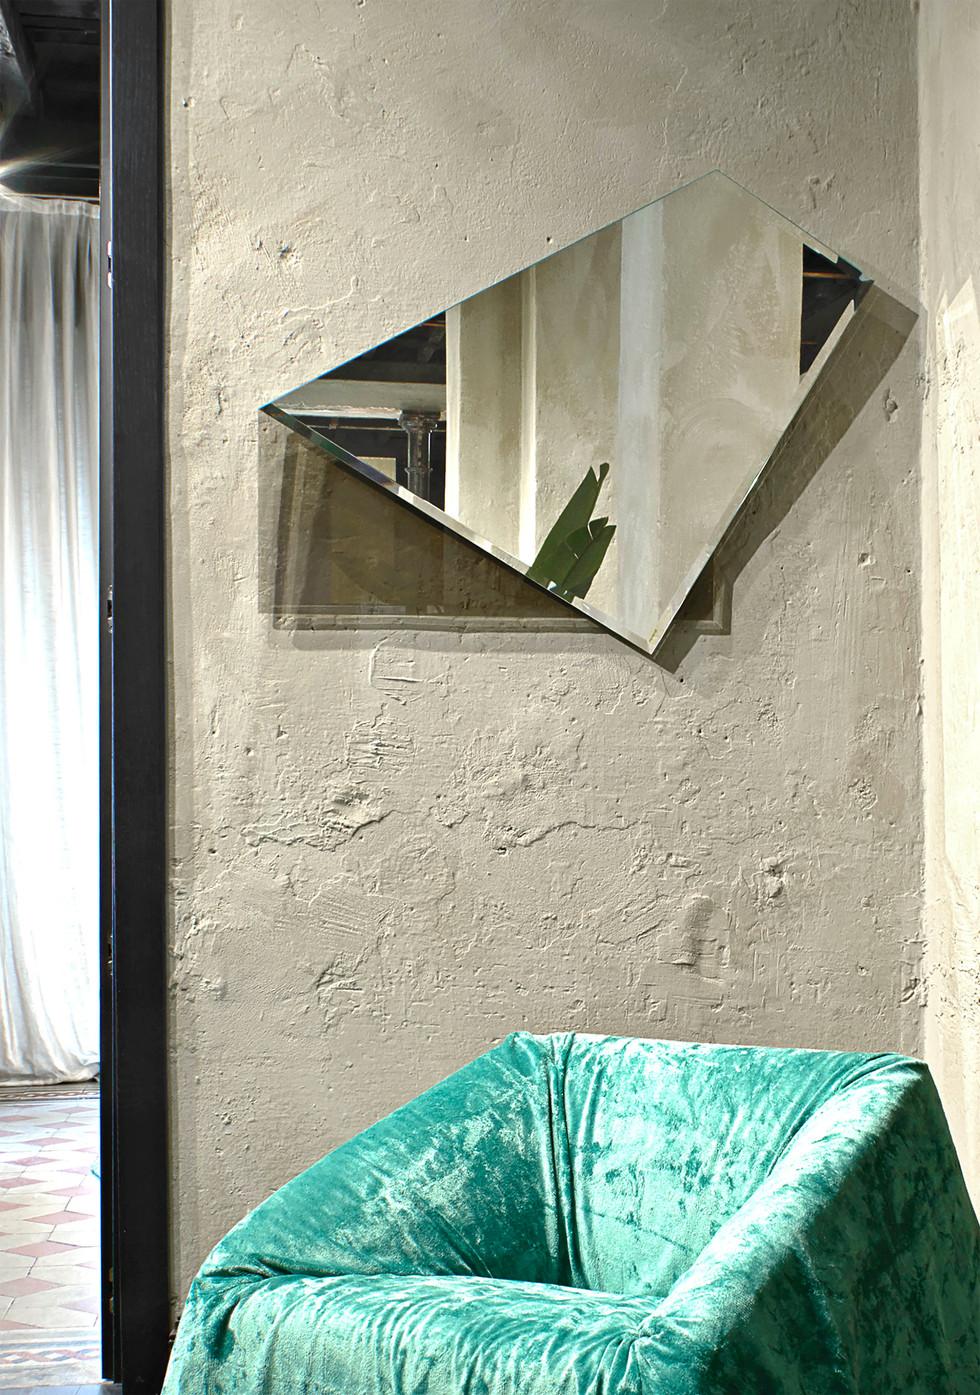 pierre_gonalons_-_architecture__intérieu